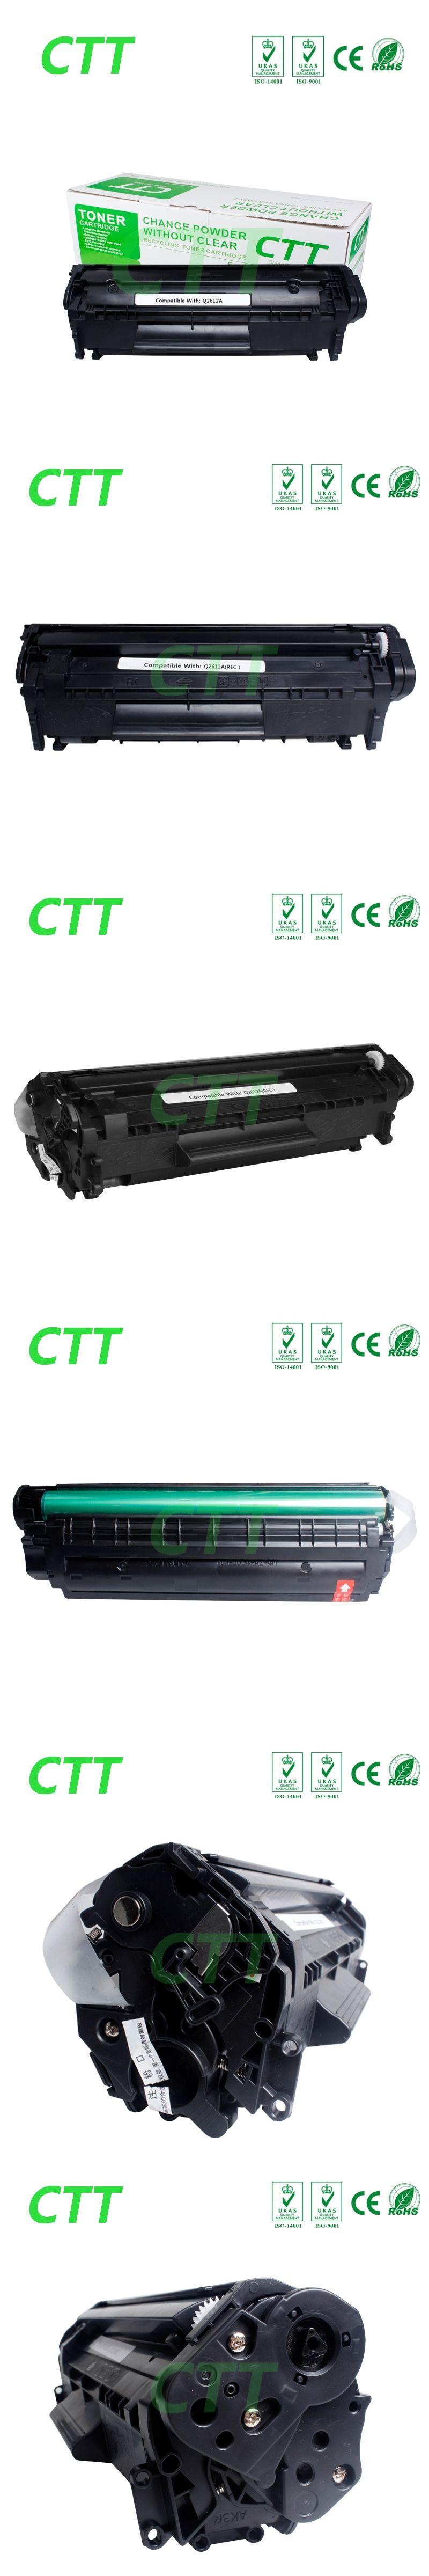 Q2612a 2612a 12a 2612 Compatible Toner Cartridge For Hp 1010 1012 1020 1015 1018 1022 3010 3015 3020 3030 3050 M1005 Printer